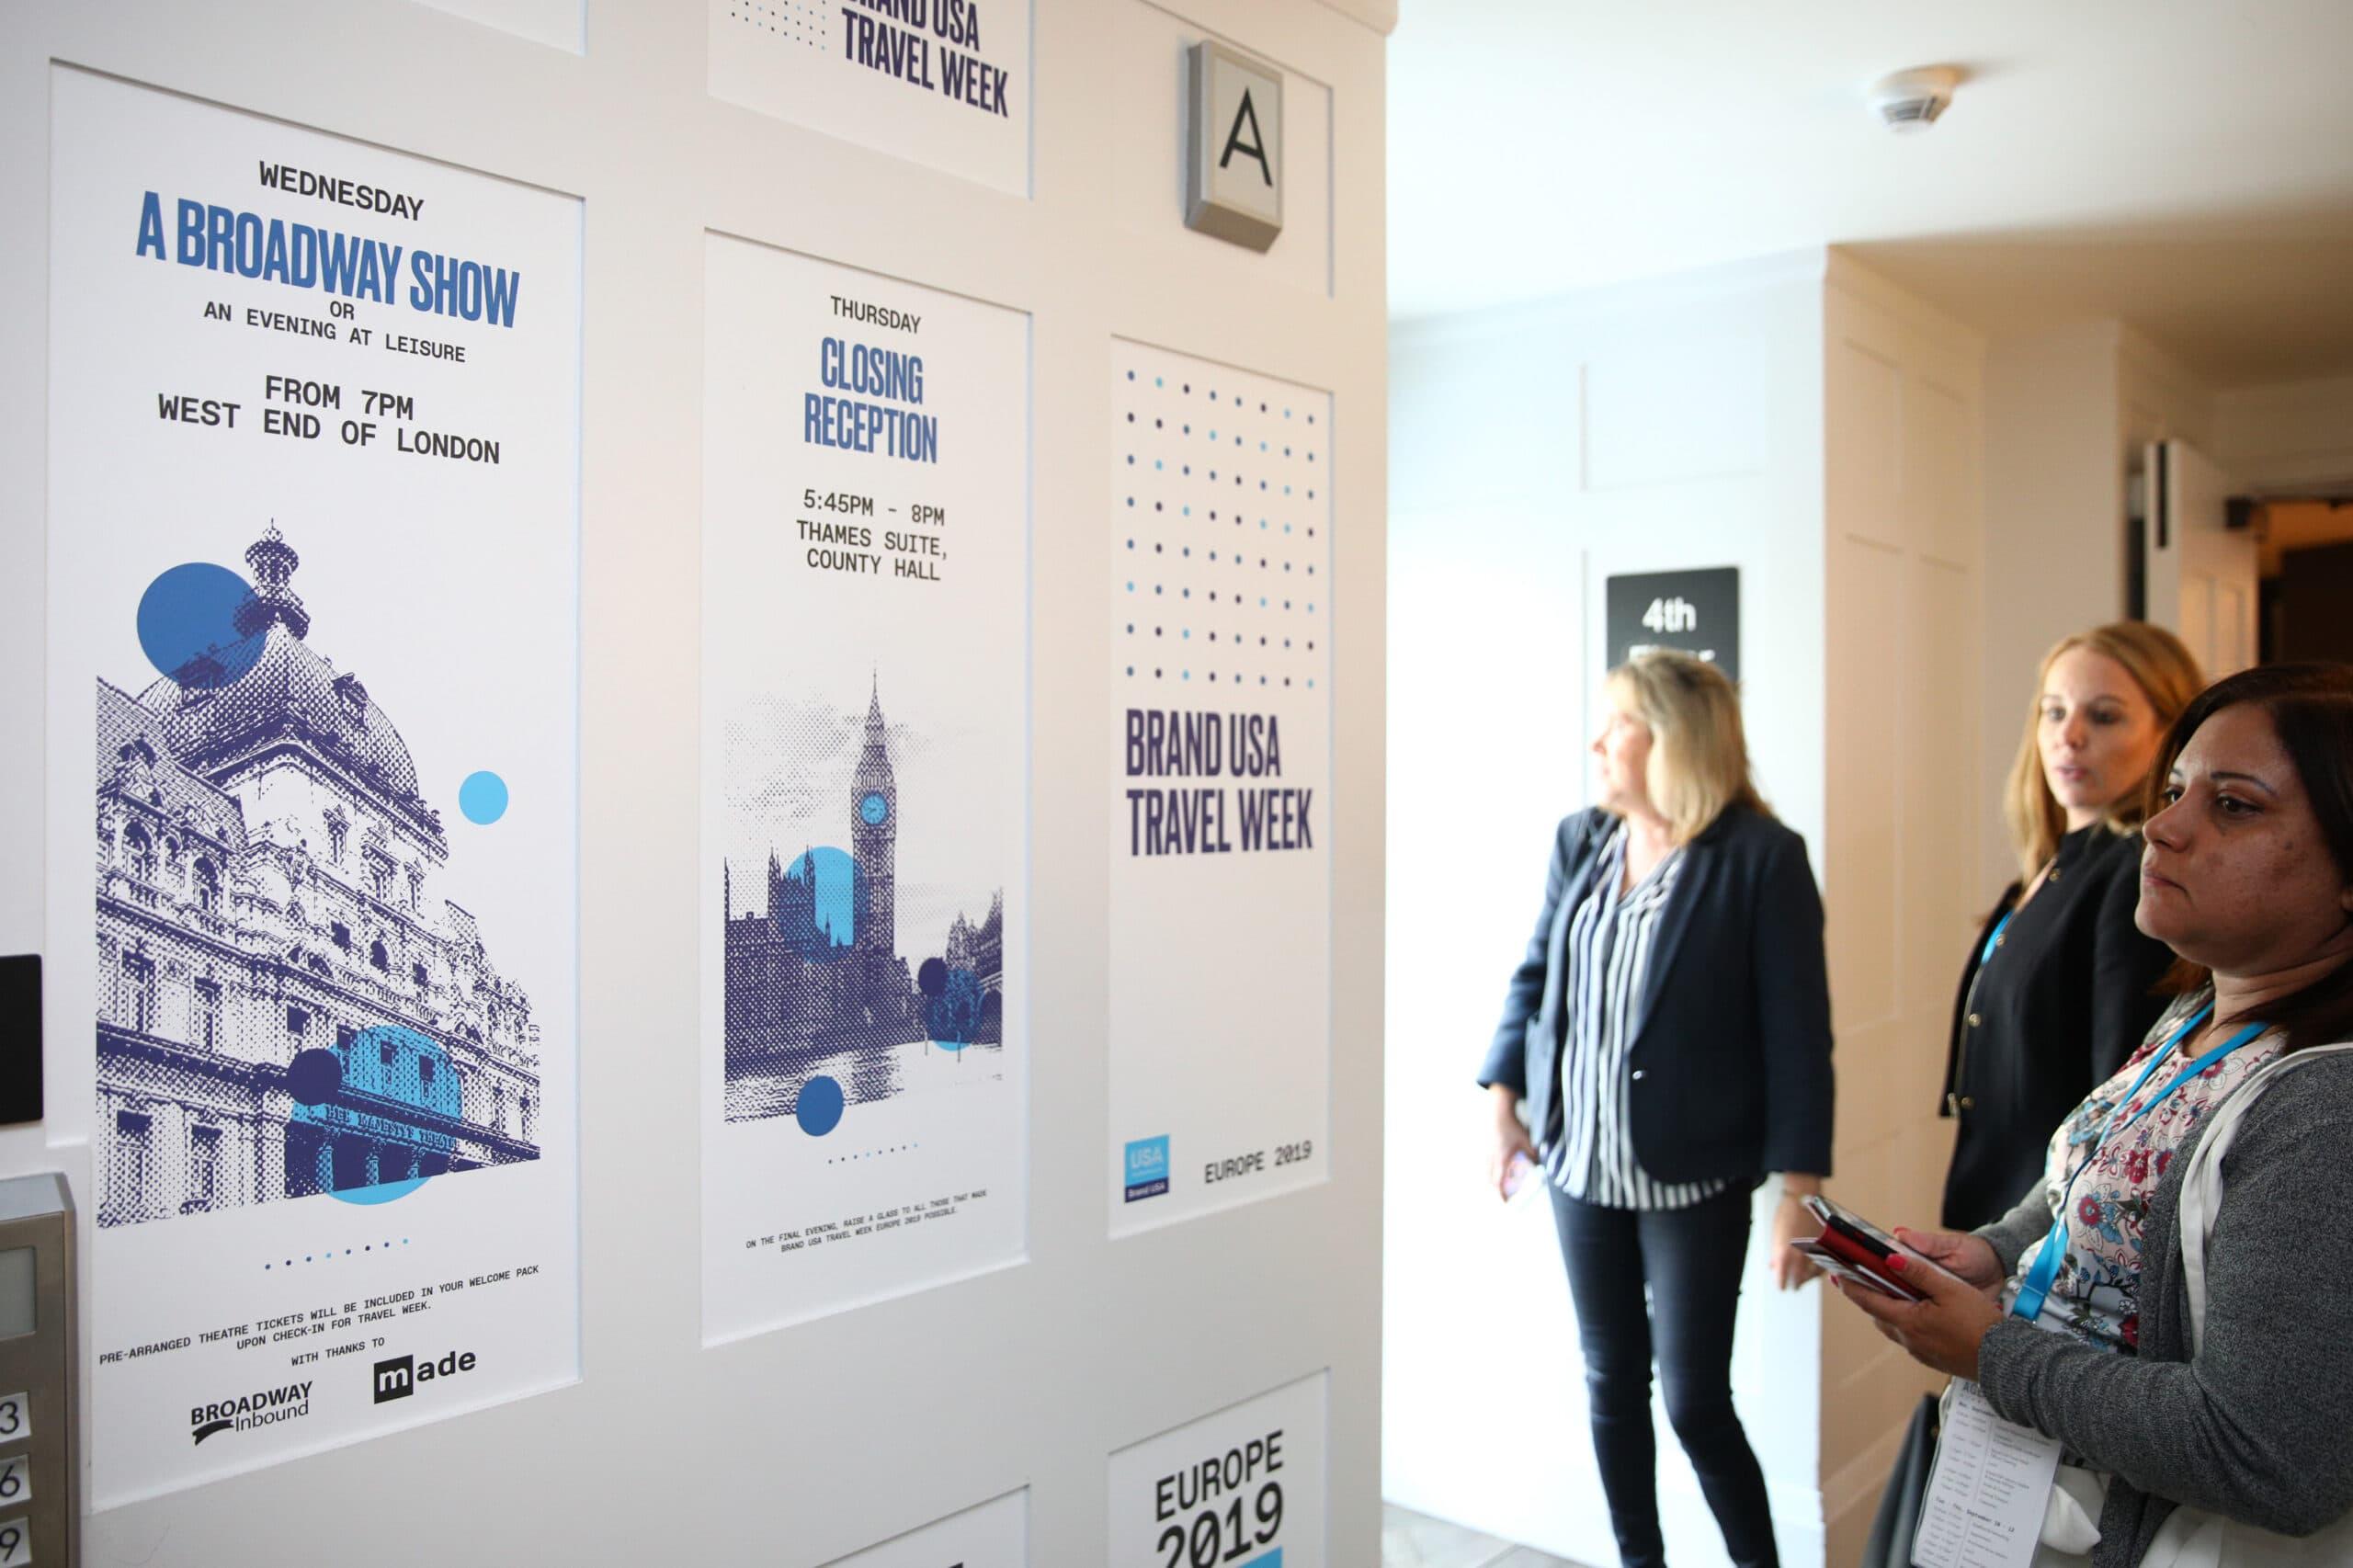 Brand-USA-Travel_Week-Poster-Wall-3-Citizen